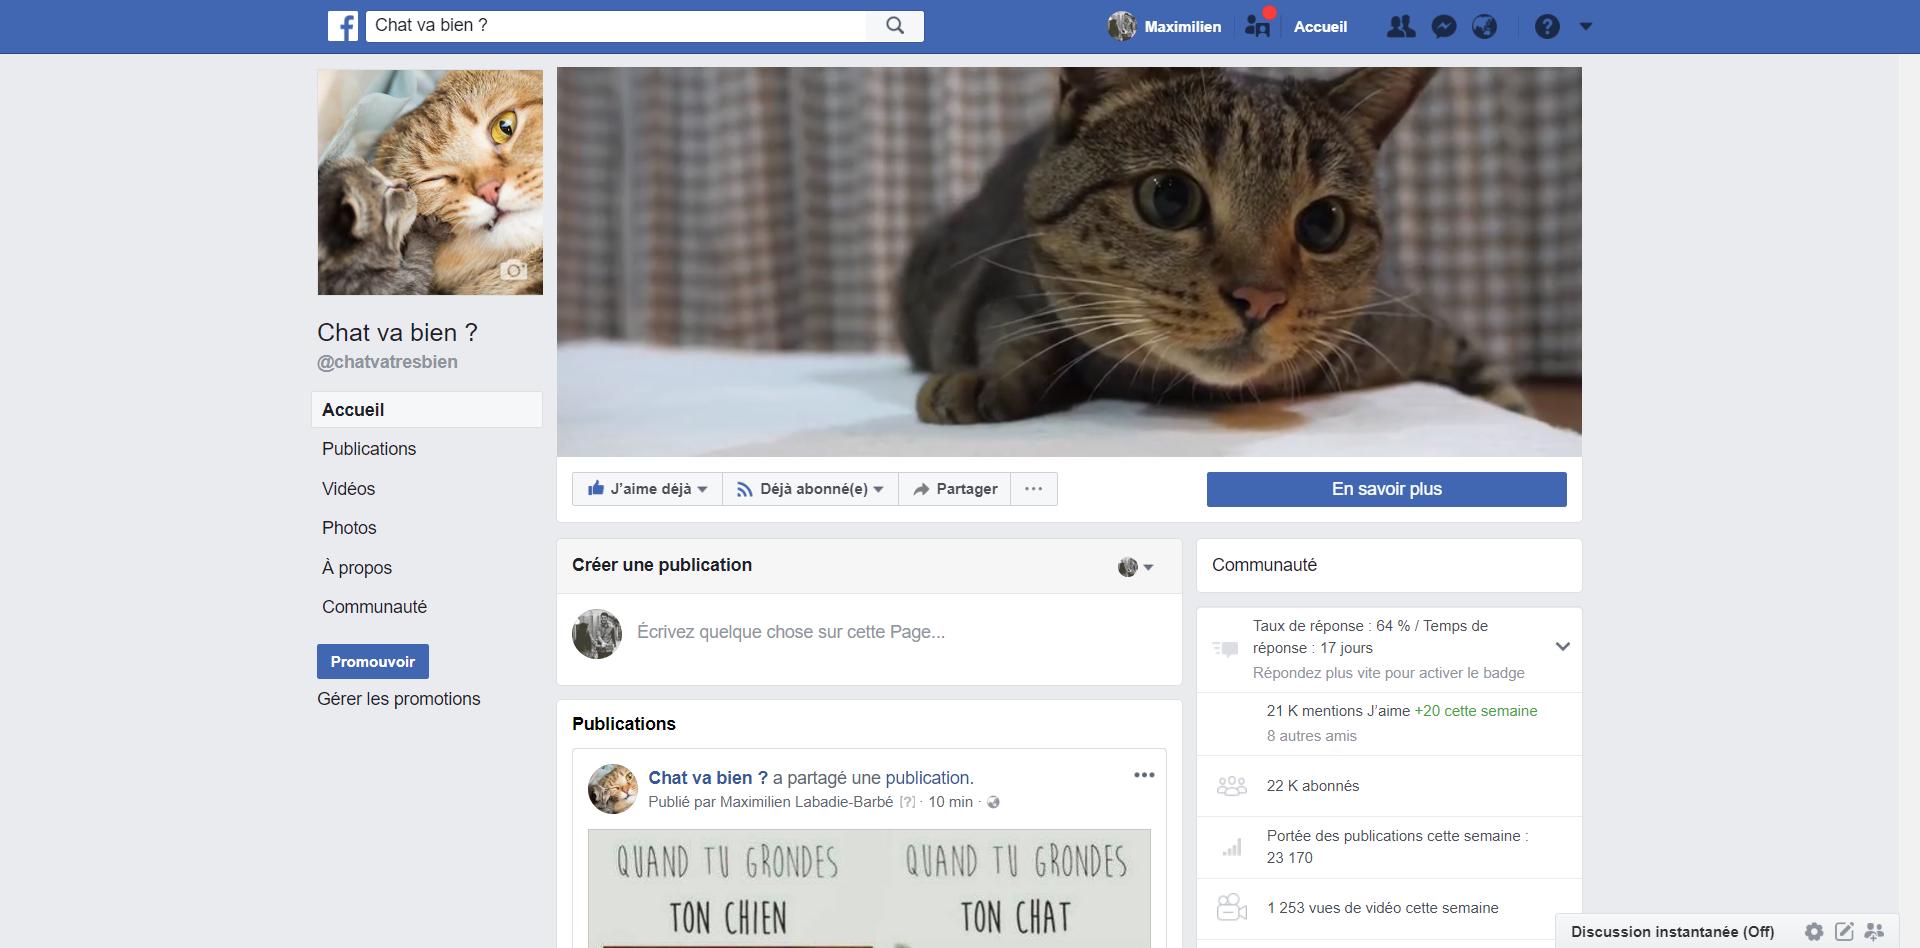 Vente aux enchères : Page Facebook sur les Chats